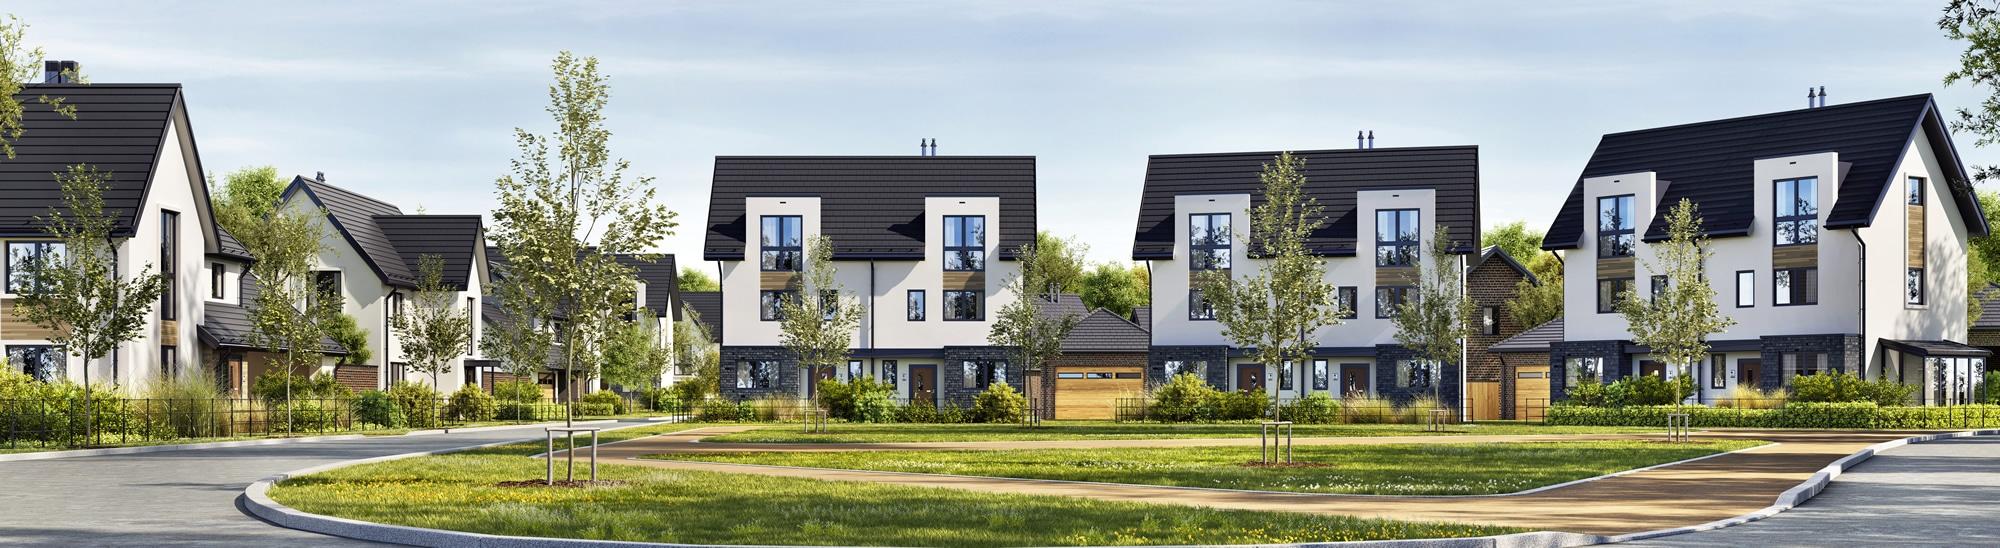 Bauunternehmen & Baustoffgroßhandel Josef Hagemann in Hopsten